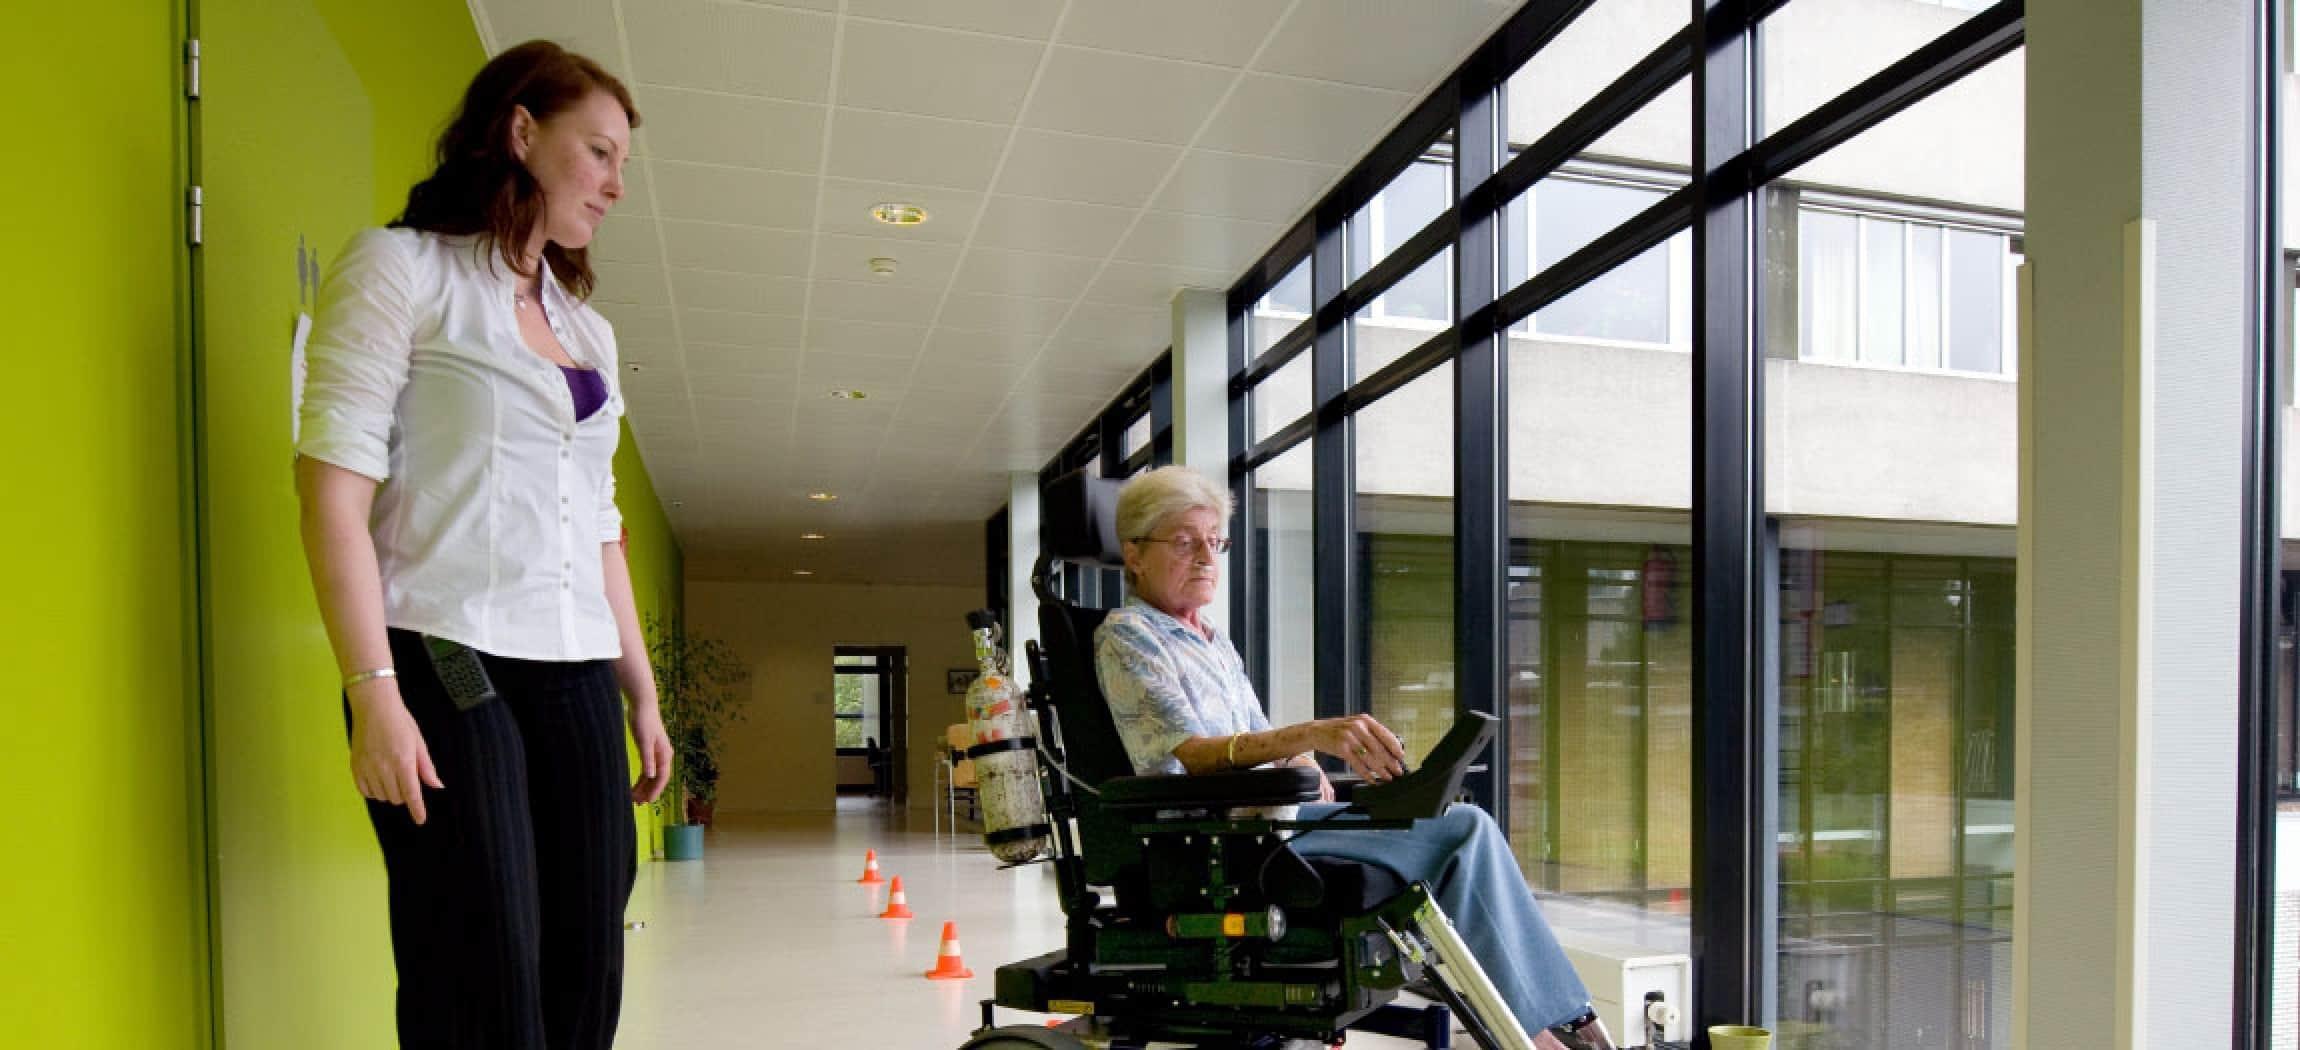 Vrouw in elektrische rolstoel oefent in lange gang met pylon pilon met ergotherapeut